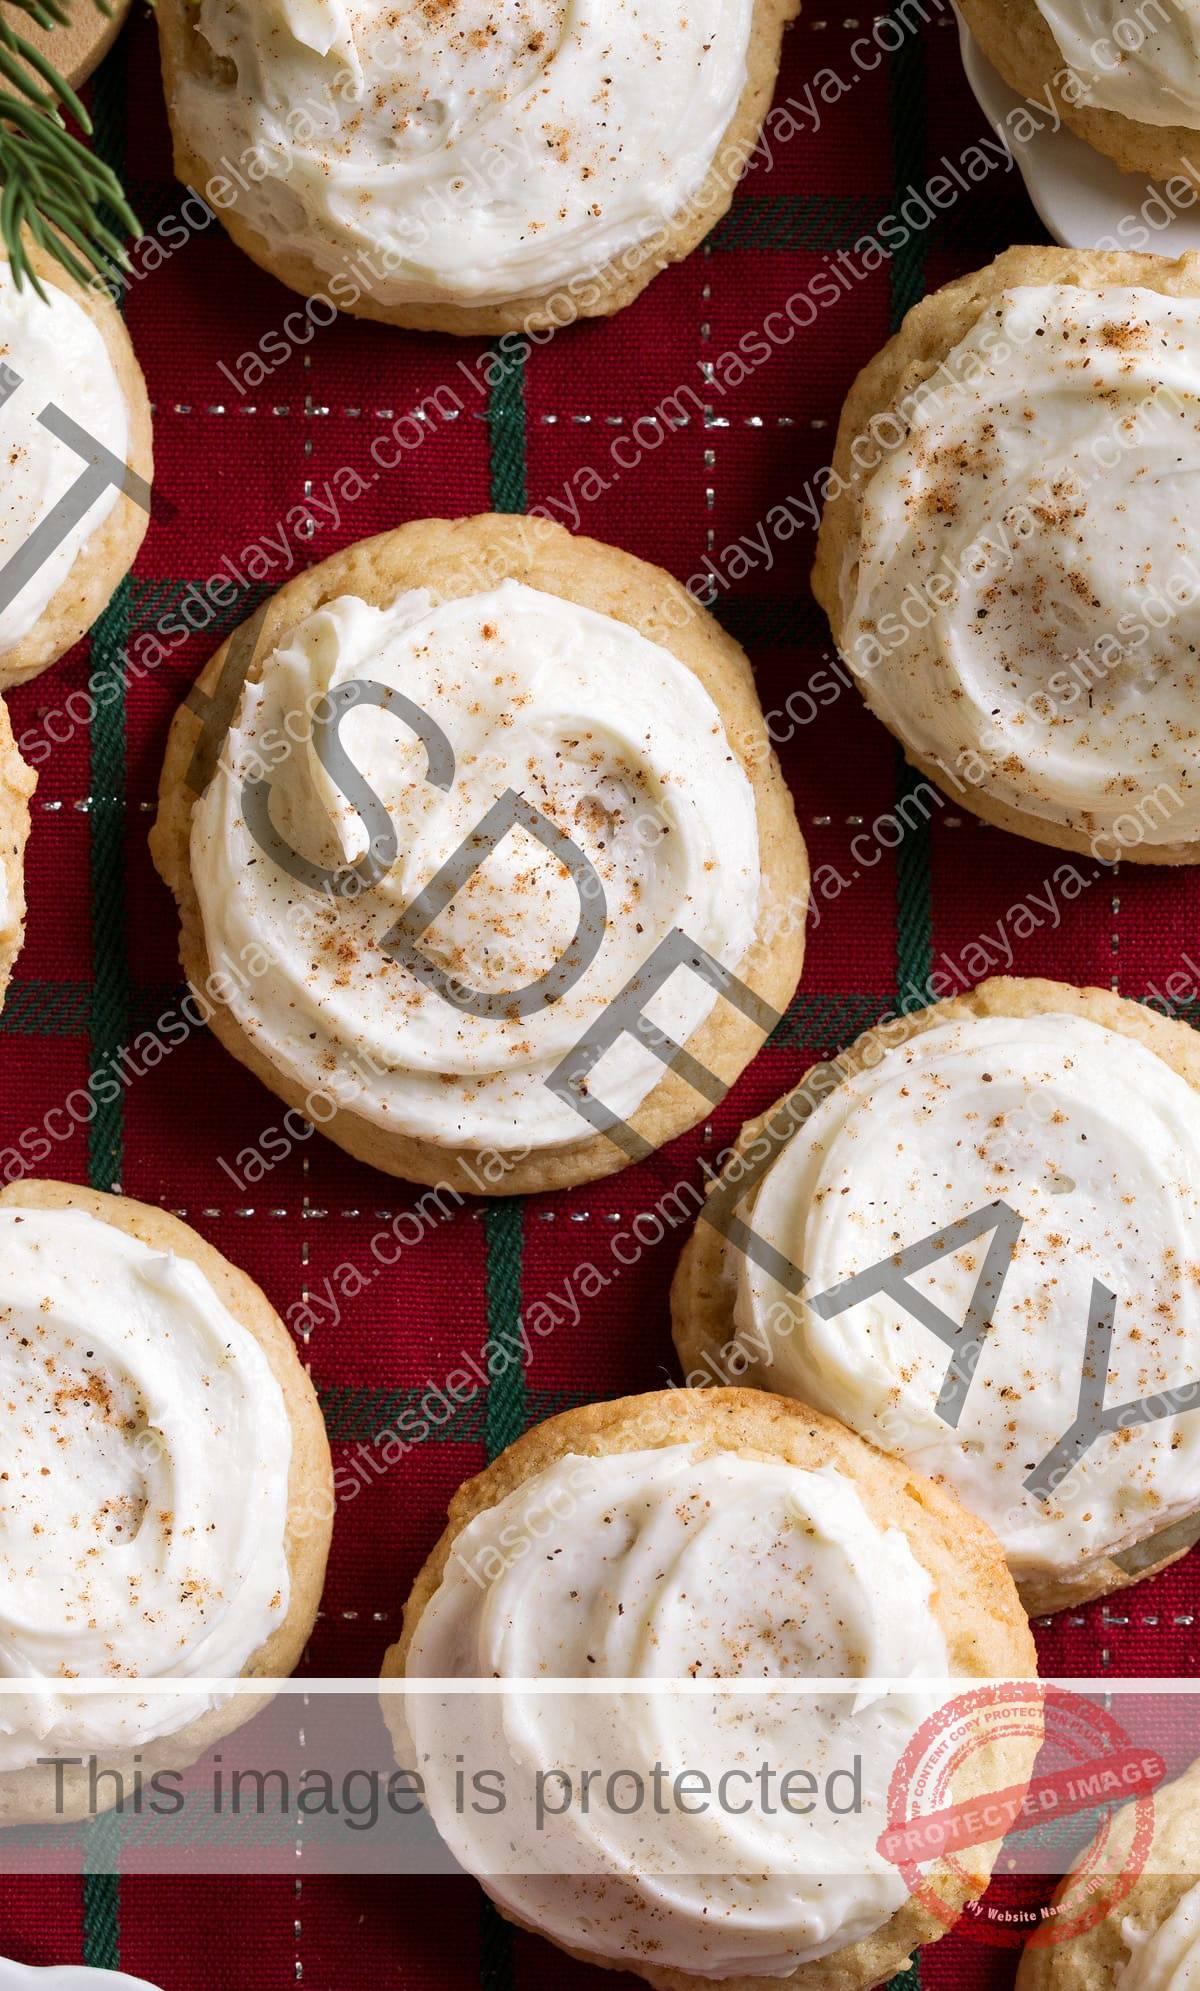 Imagen aproximada de galletas de ponche de huevo